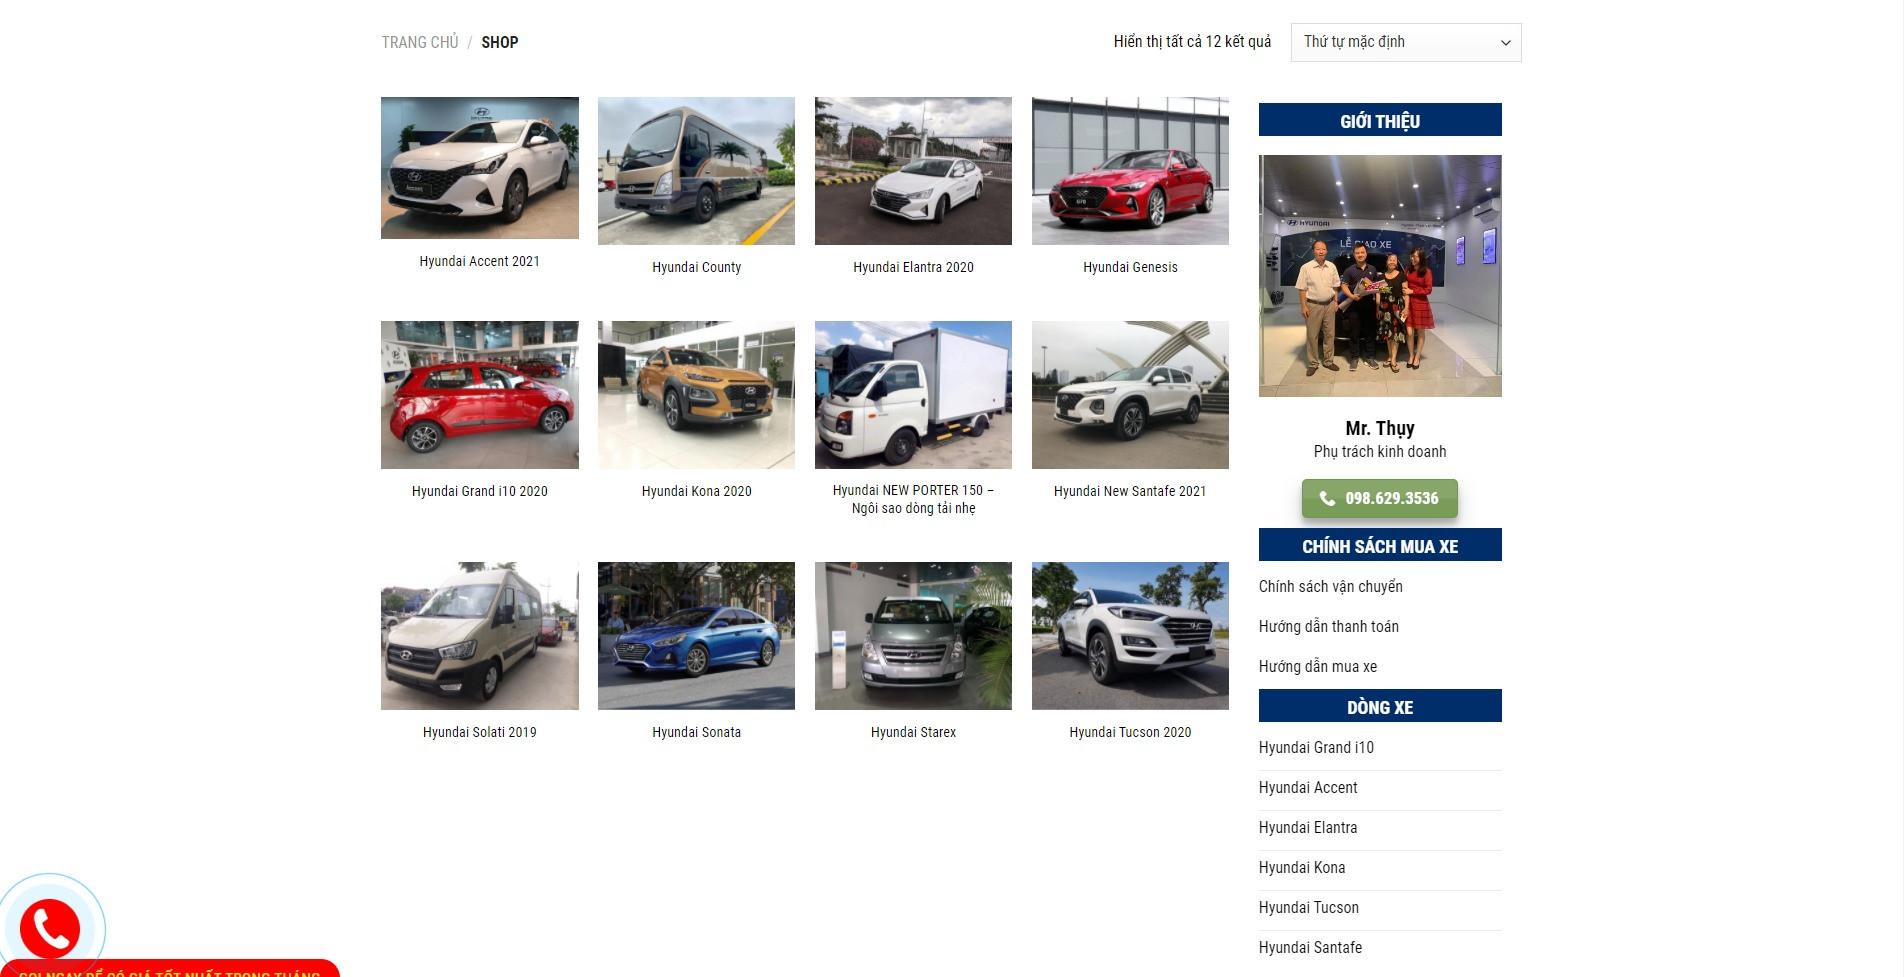 Trang sản phẩm Website ô tô Hyundai Phạm Văn Đồng